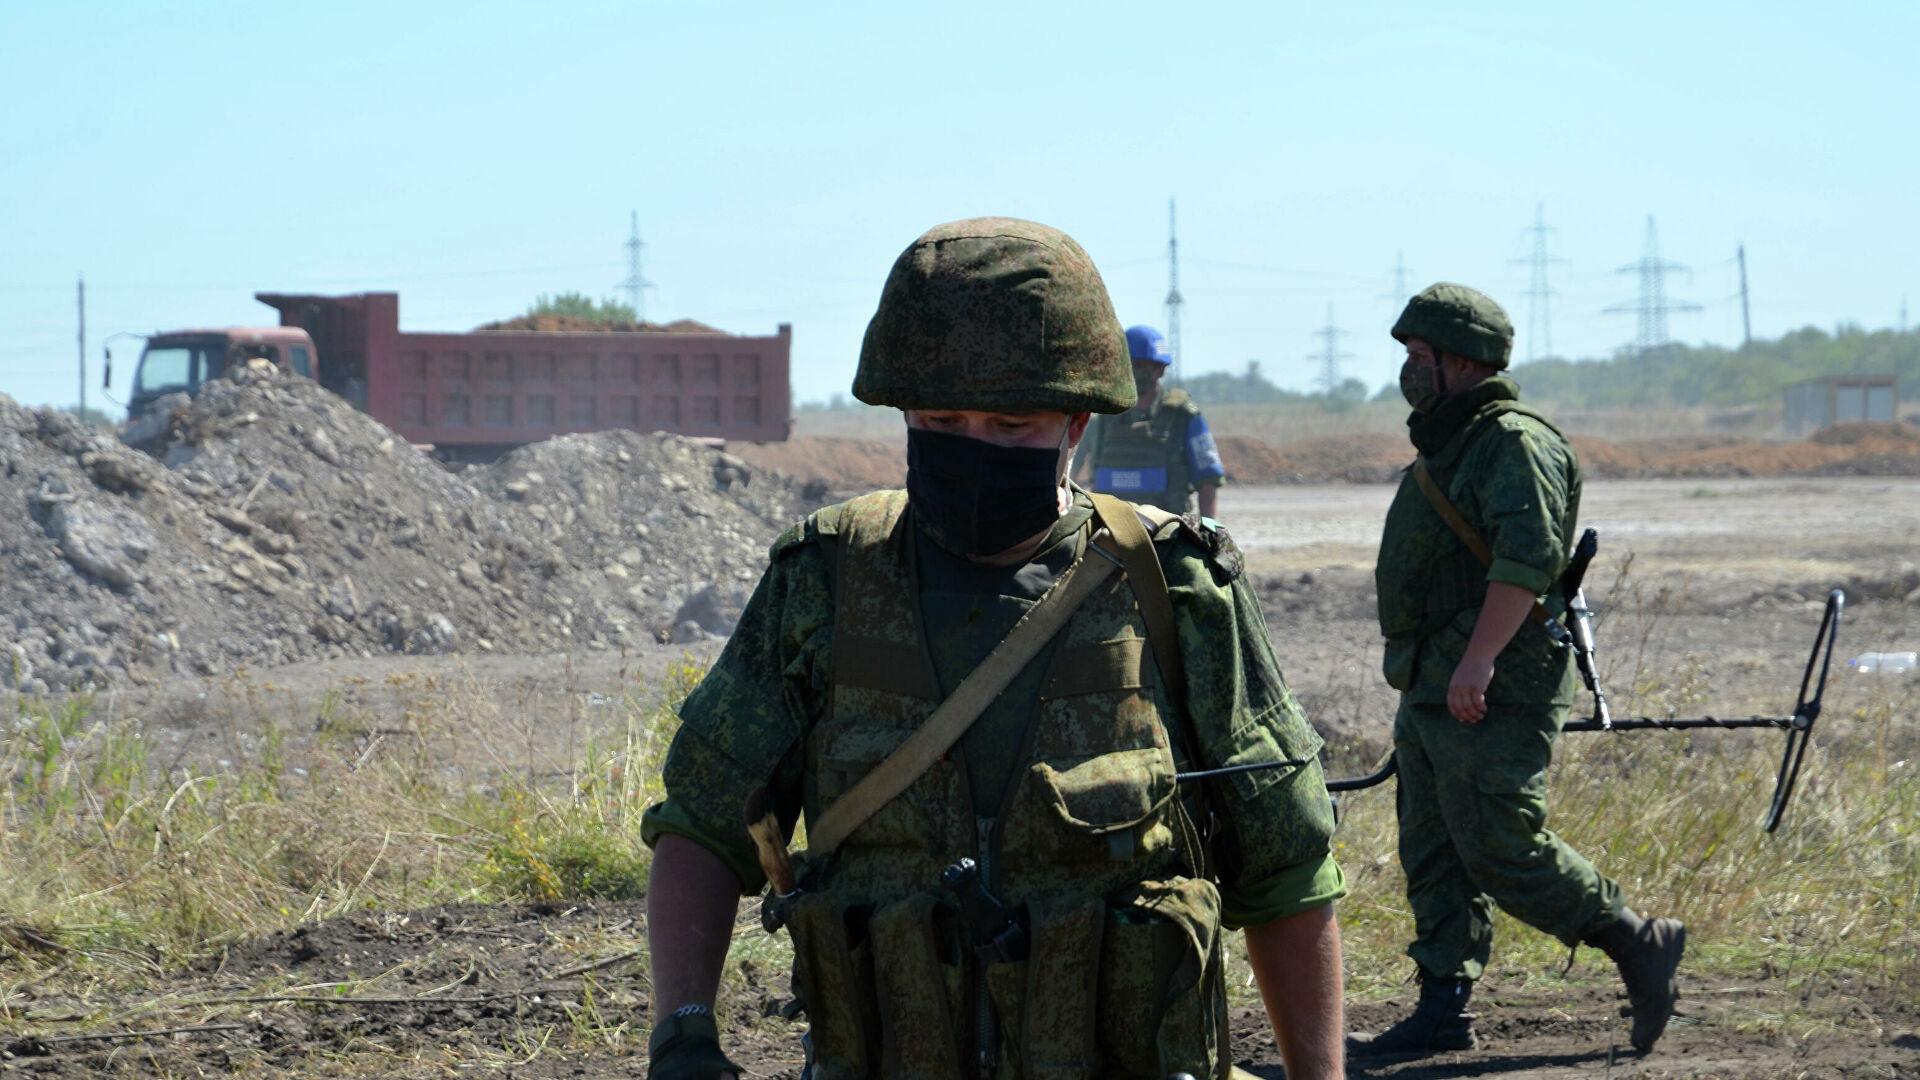 Украјина гранатирала ЛНР, оборен украјински дрон